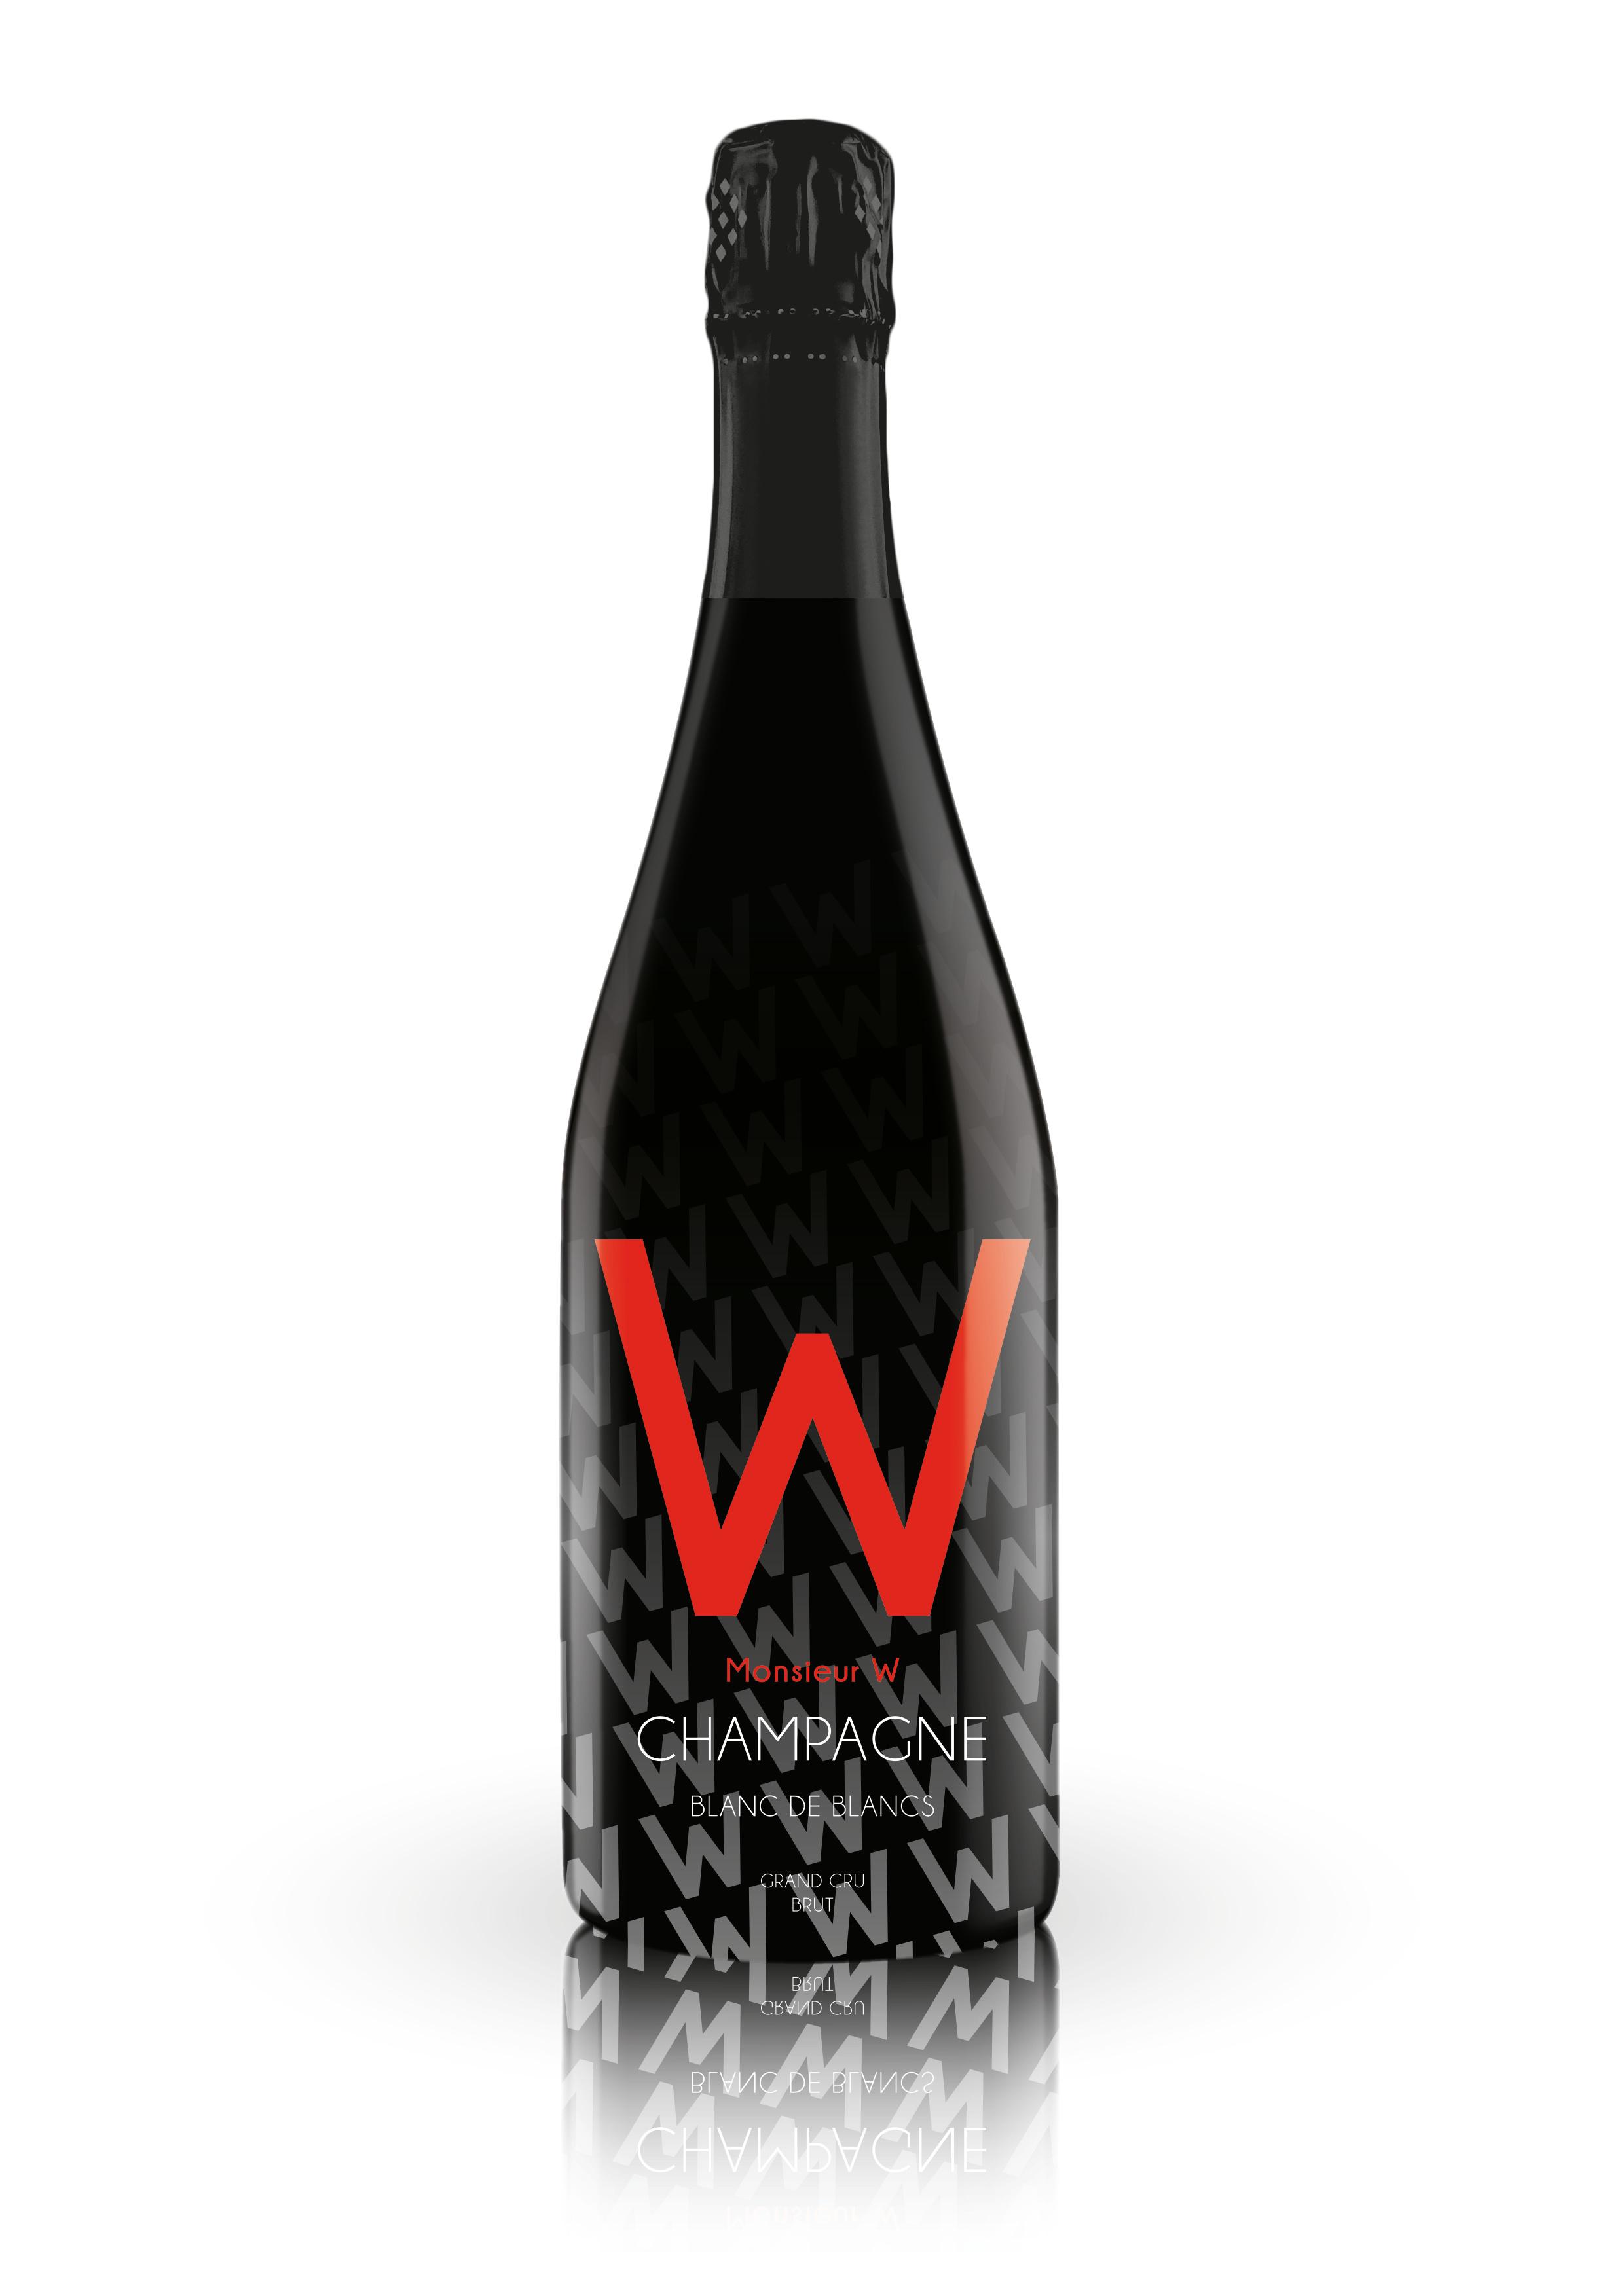 visuel bouteille walheim monsieur W